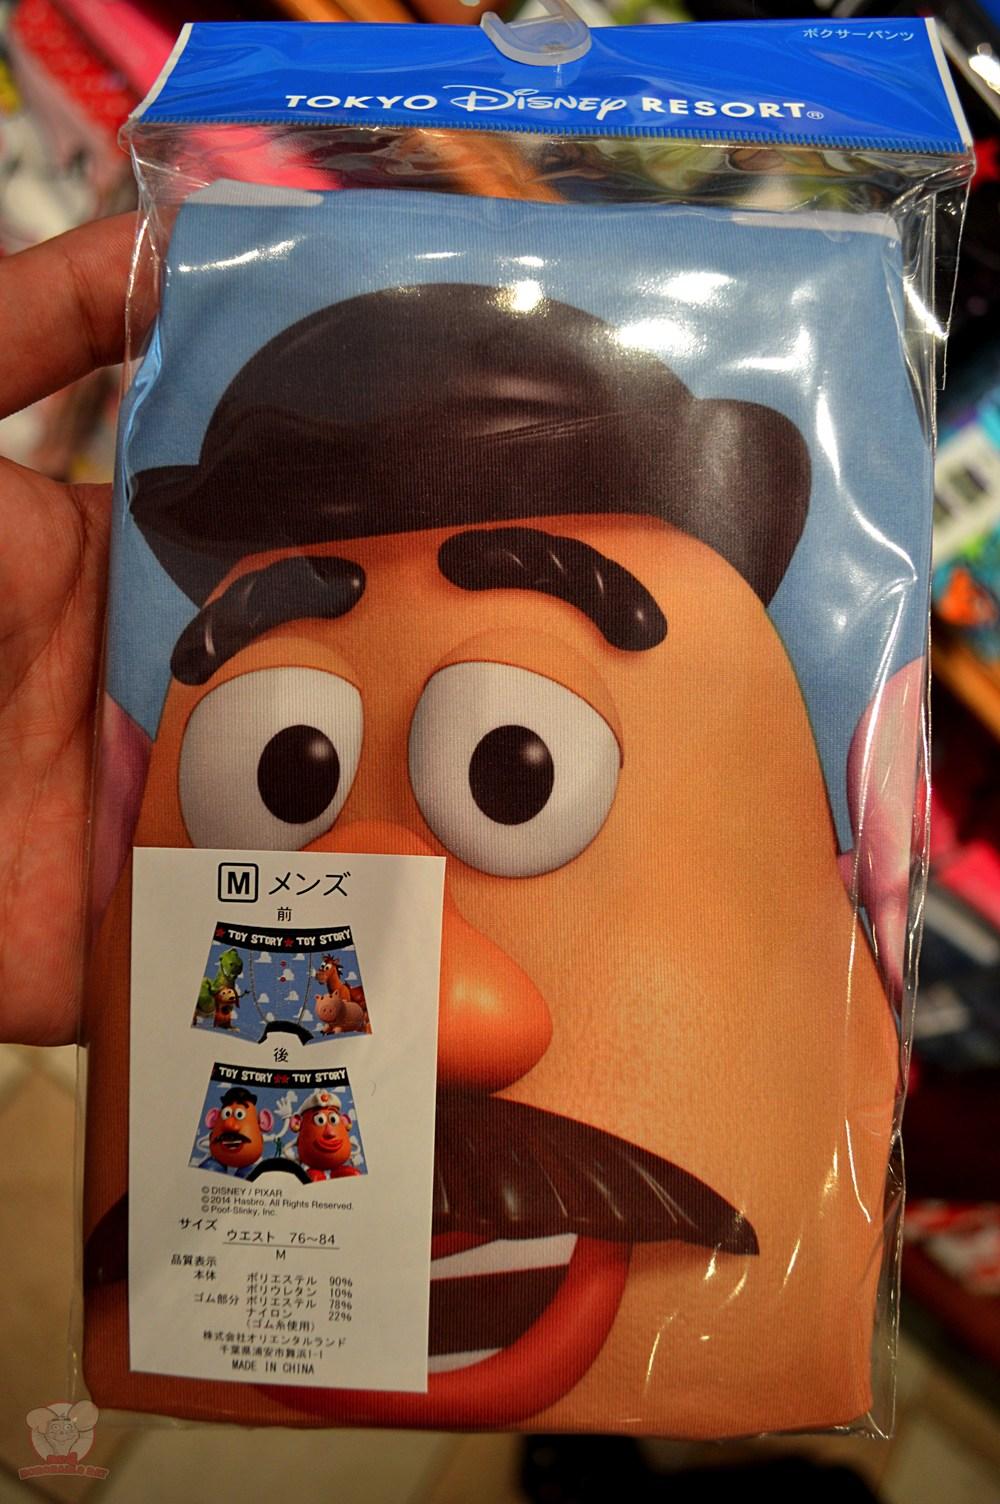 Toy Story underwear 1,800 yen